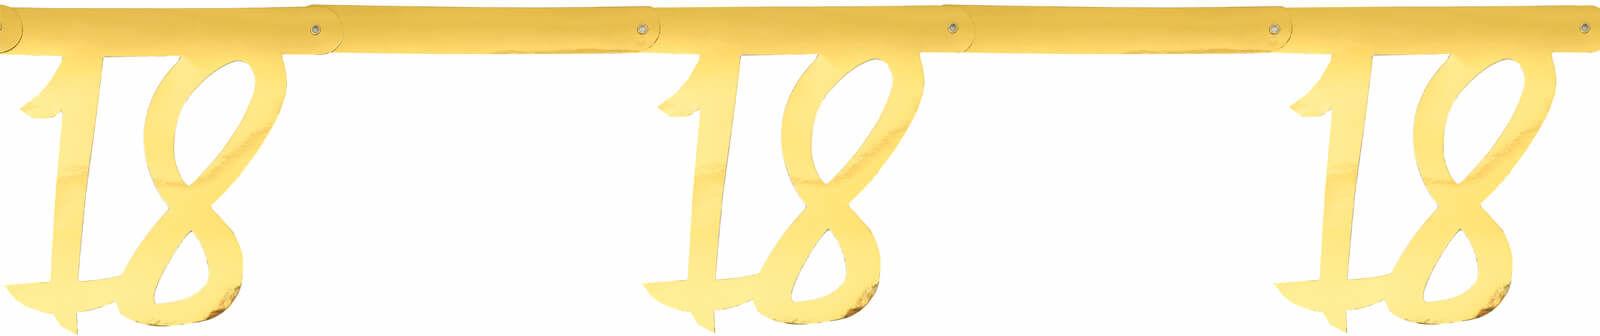 Girlanda na osiemnaste urodziny złota - 250 cm - 1 szt.